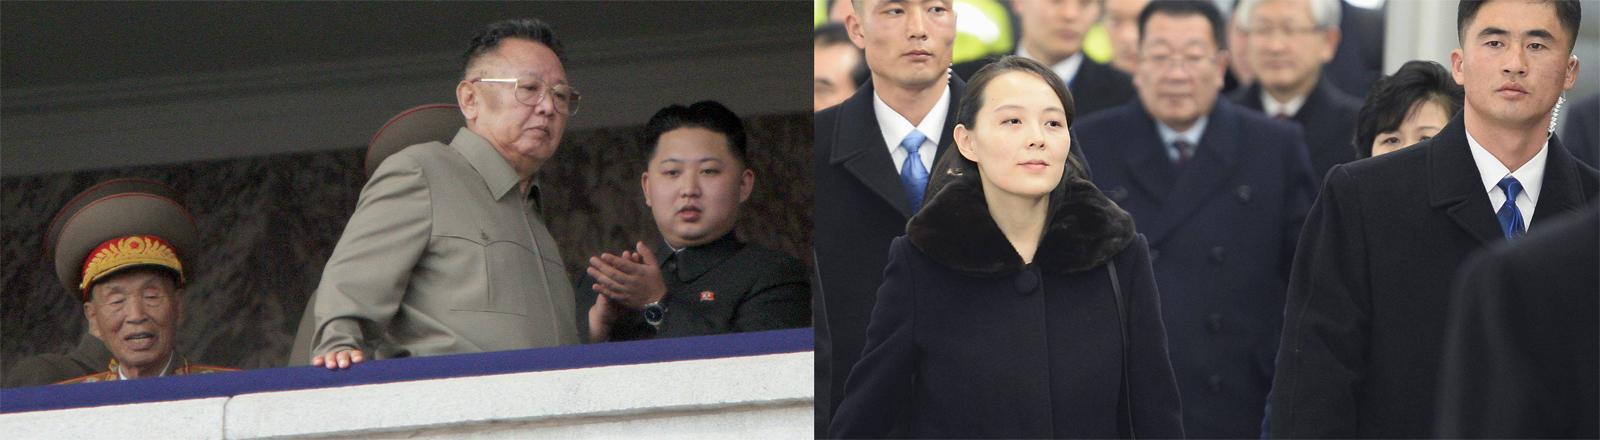 Kim Jong-Il und sein Sohn und Nachfolger Kim Jong-Un zeigen sich im Jahr 2010 beim Besuch einer Militärparade. Rechts: Kim Yo Jong, die Schwester des Herrschers, beim Besuch der olympischen Spiele im Februar 2018